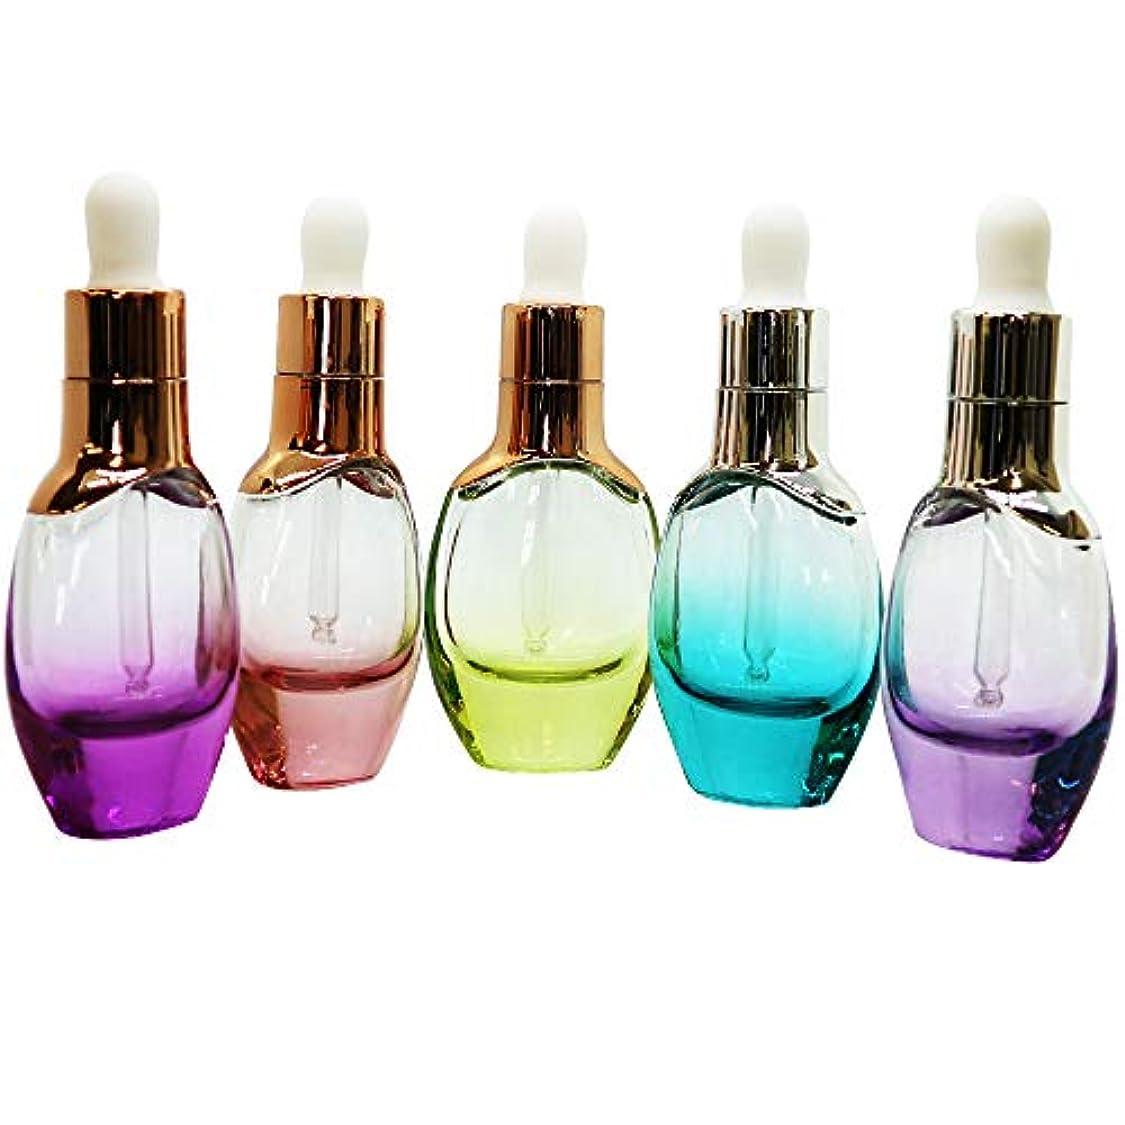 受け皿保守可能志すCoco Makai スポイト付き エッセンシャル ボトル 5本セット アロマ 化粧水 オイル ガラス製 かわいい カラフル